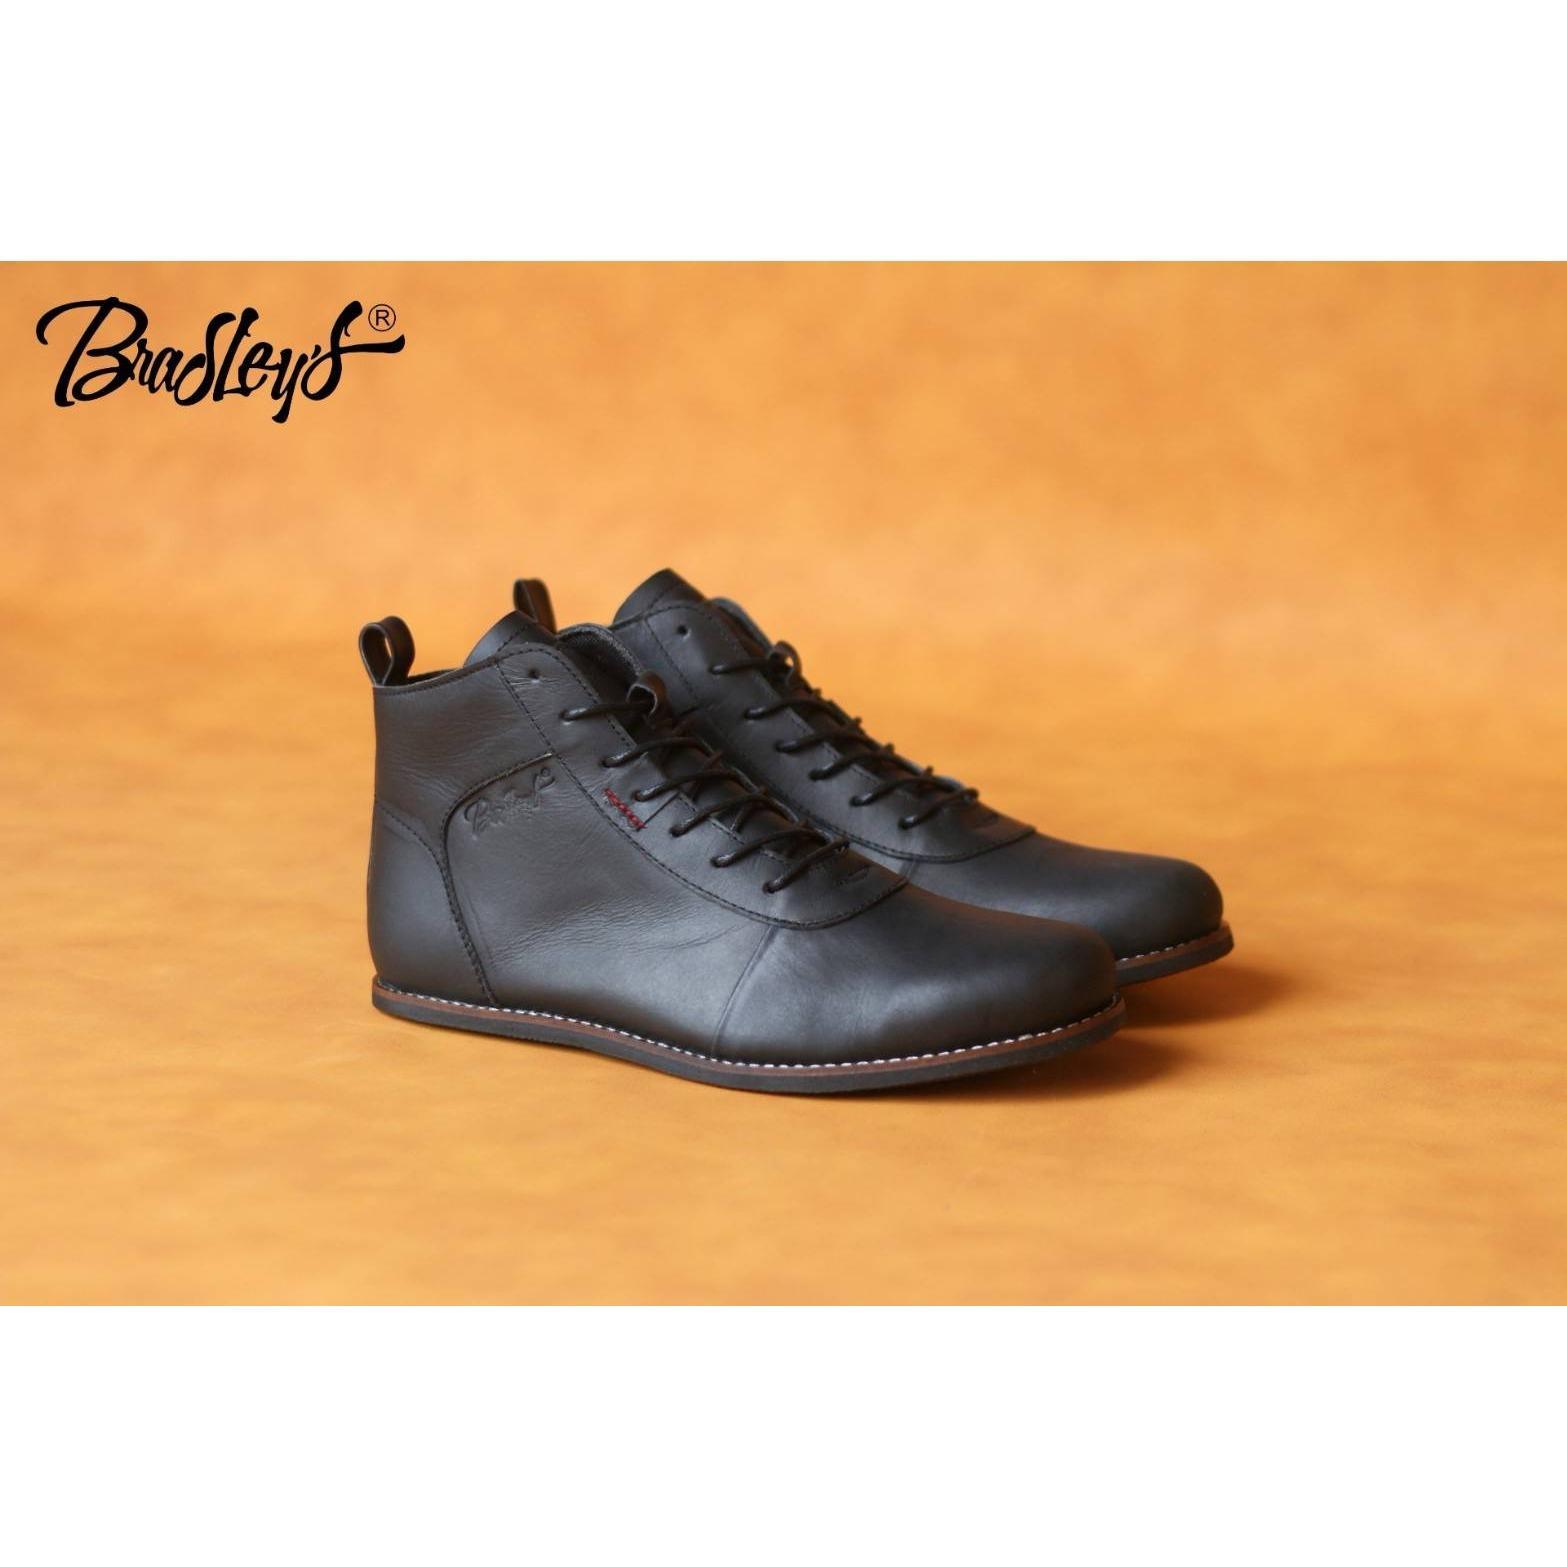 Sepatu Bradley's Erudite Gaya Kulit Asli Pria Original (Brodo)